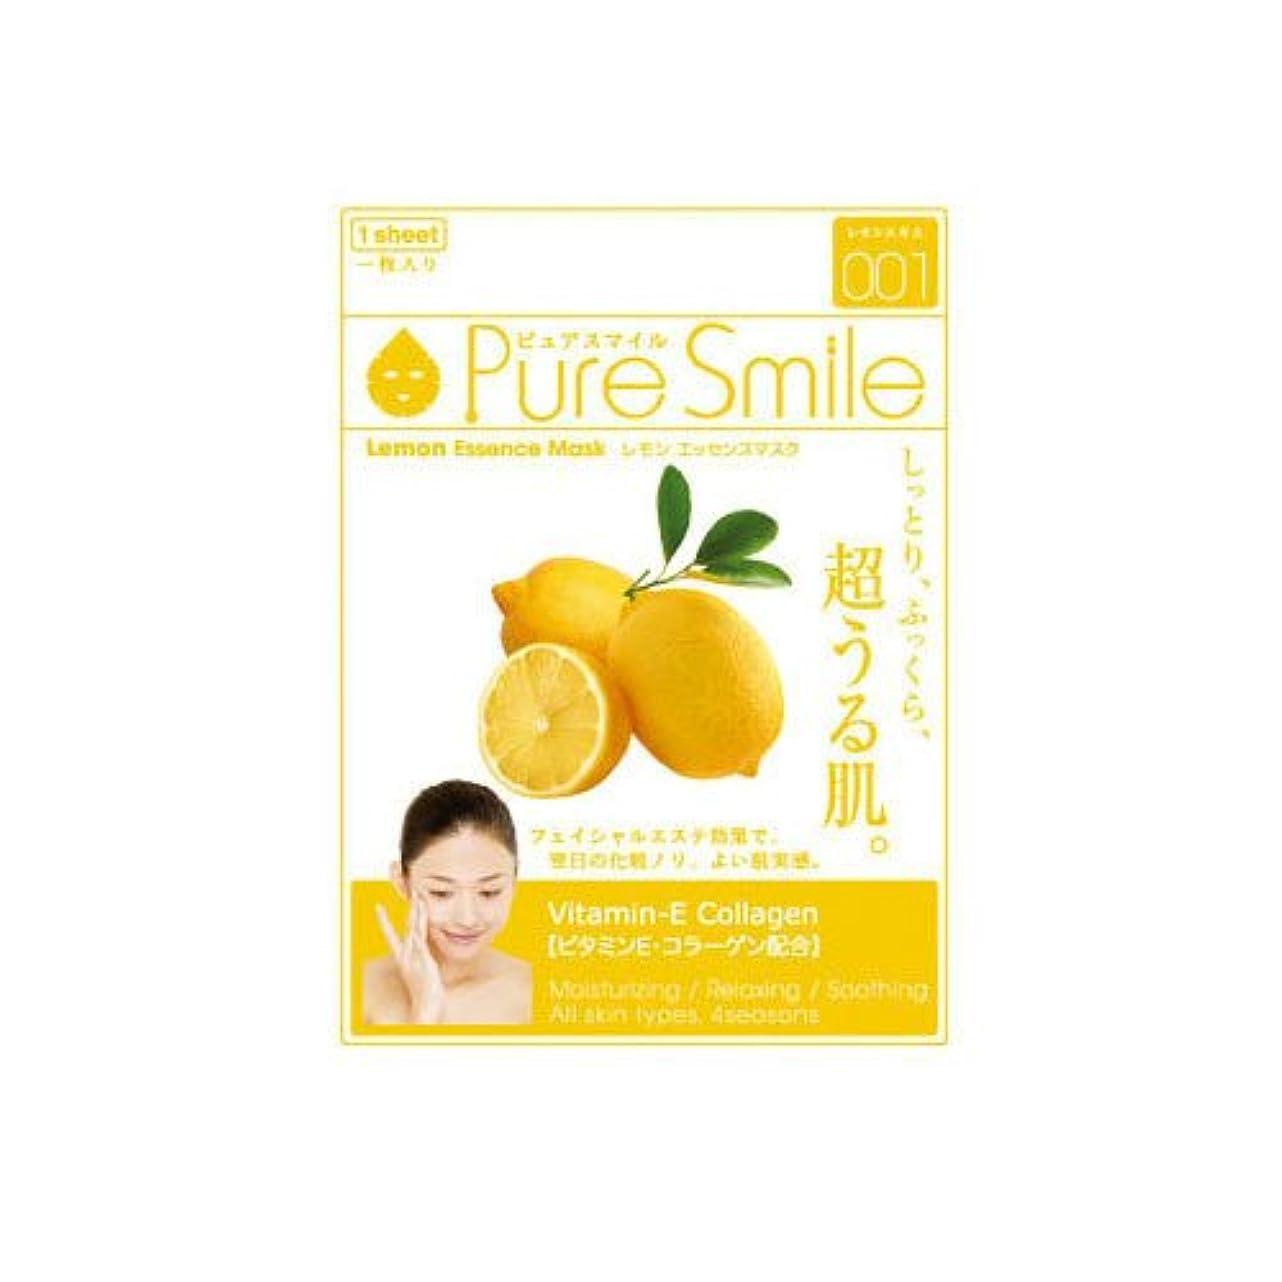 ソート本当のことを言うとドローPure Smile(ピュアスマイル) エッセンスマスク 『レモン』 30枚セット FACE-MASK-001